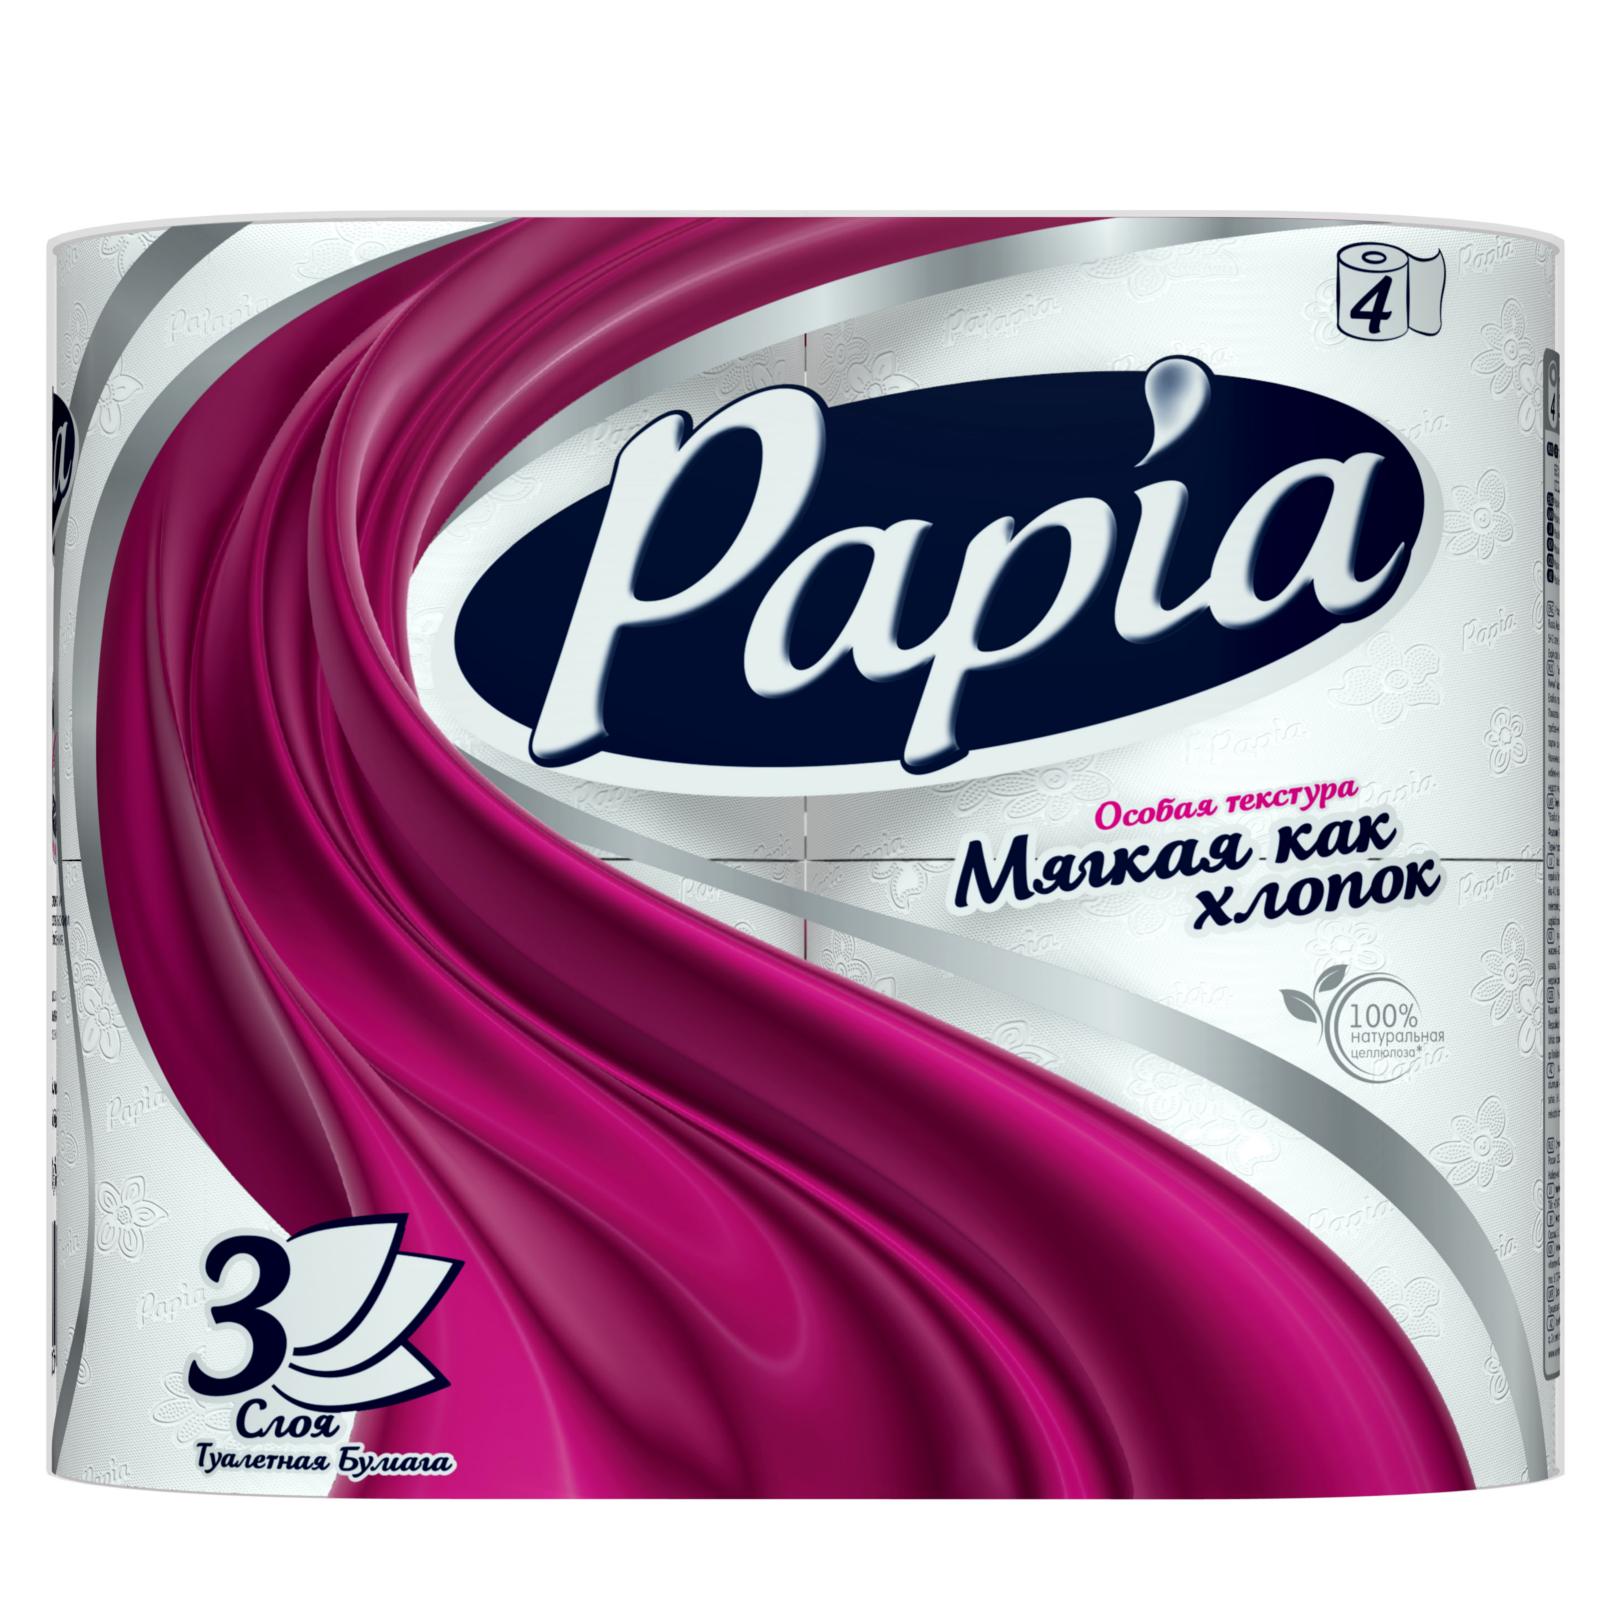 Туалетная бумага Papia белая (3 слоя) 4 шт